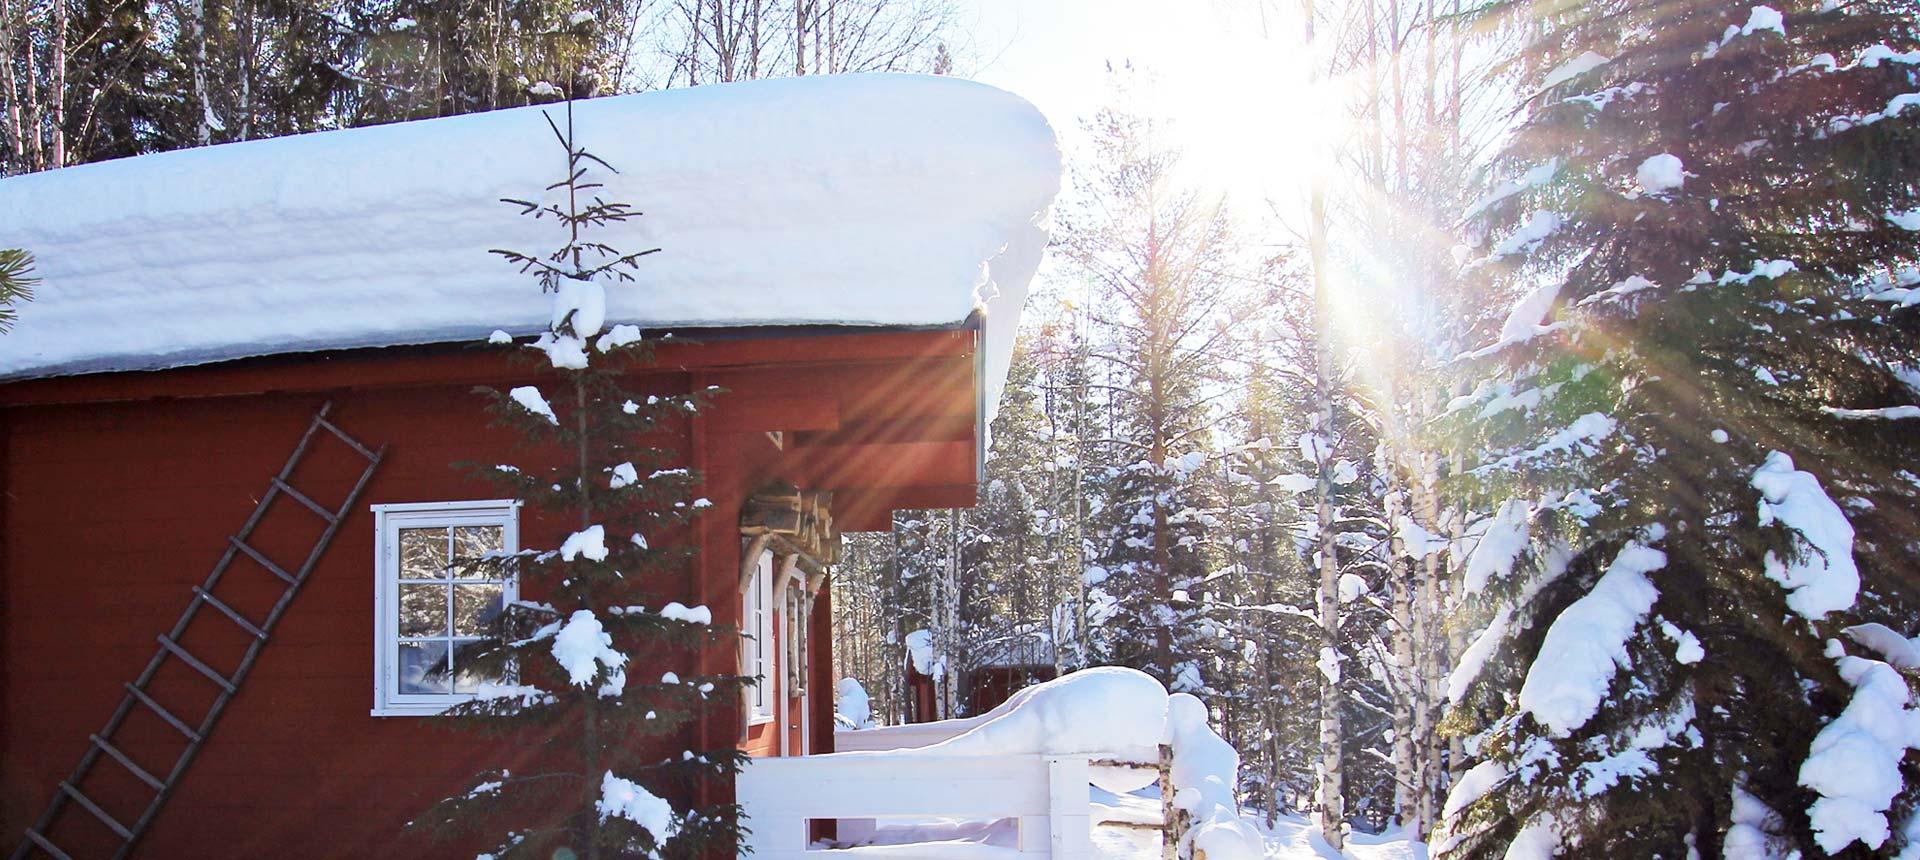 Notre camp au coeur de la Laponie suédoise idéal pour un voyage chien de traîneau !